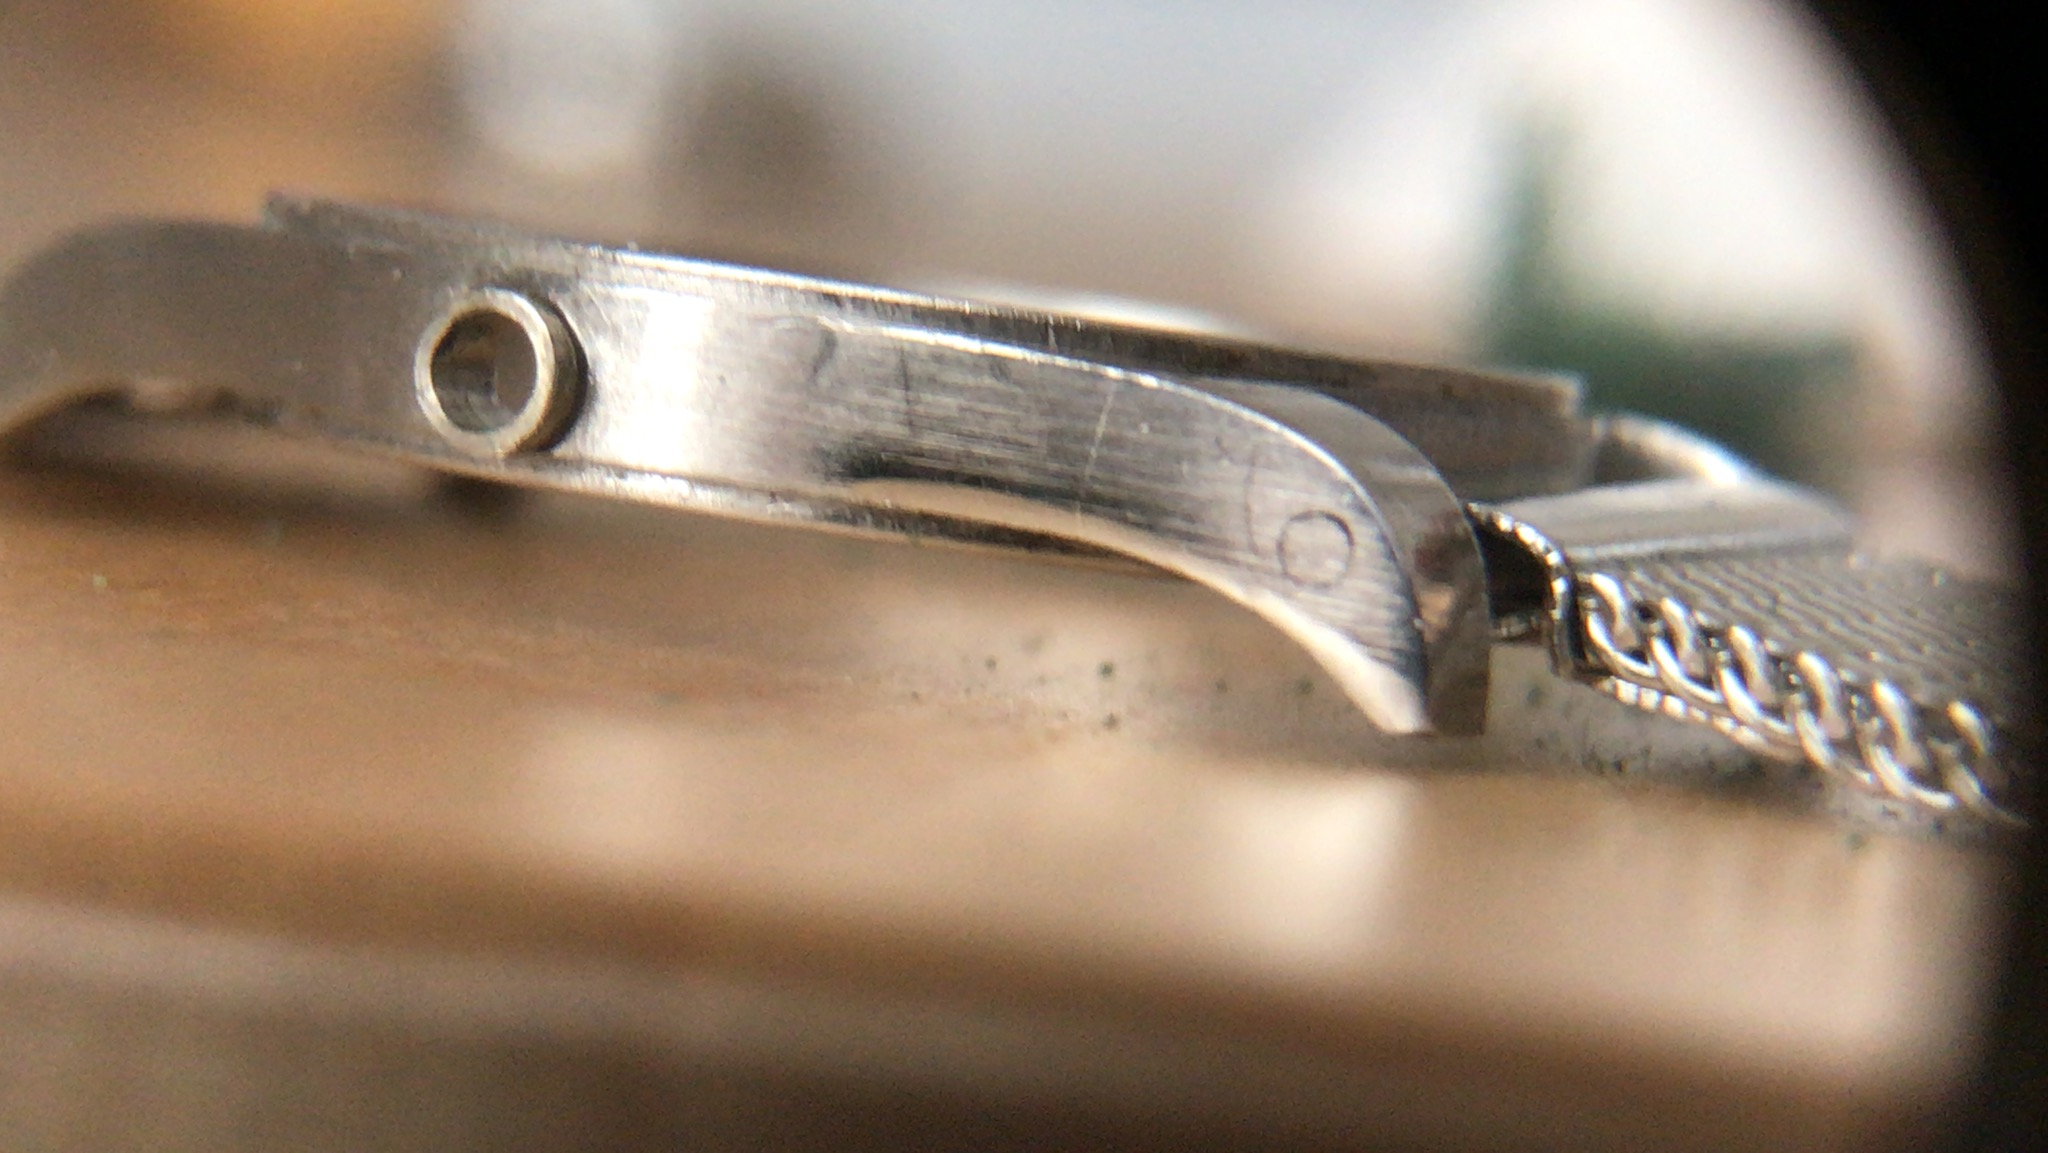 Boite de montre avant restauration, AMZ Horlogerie